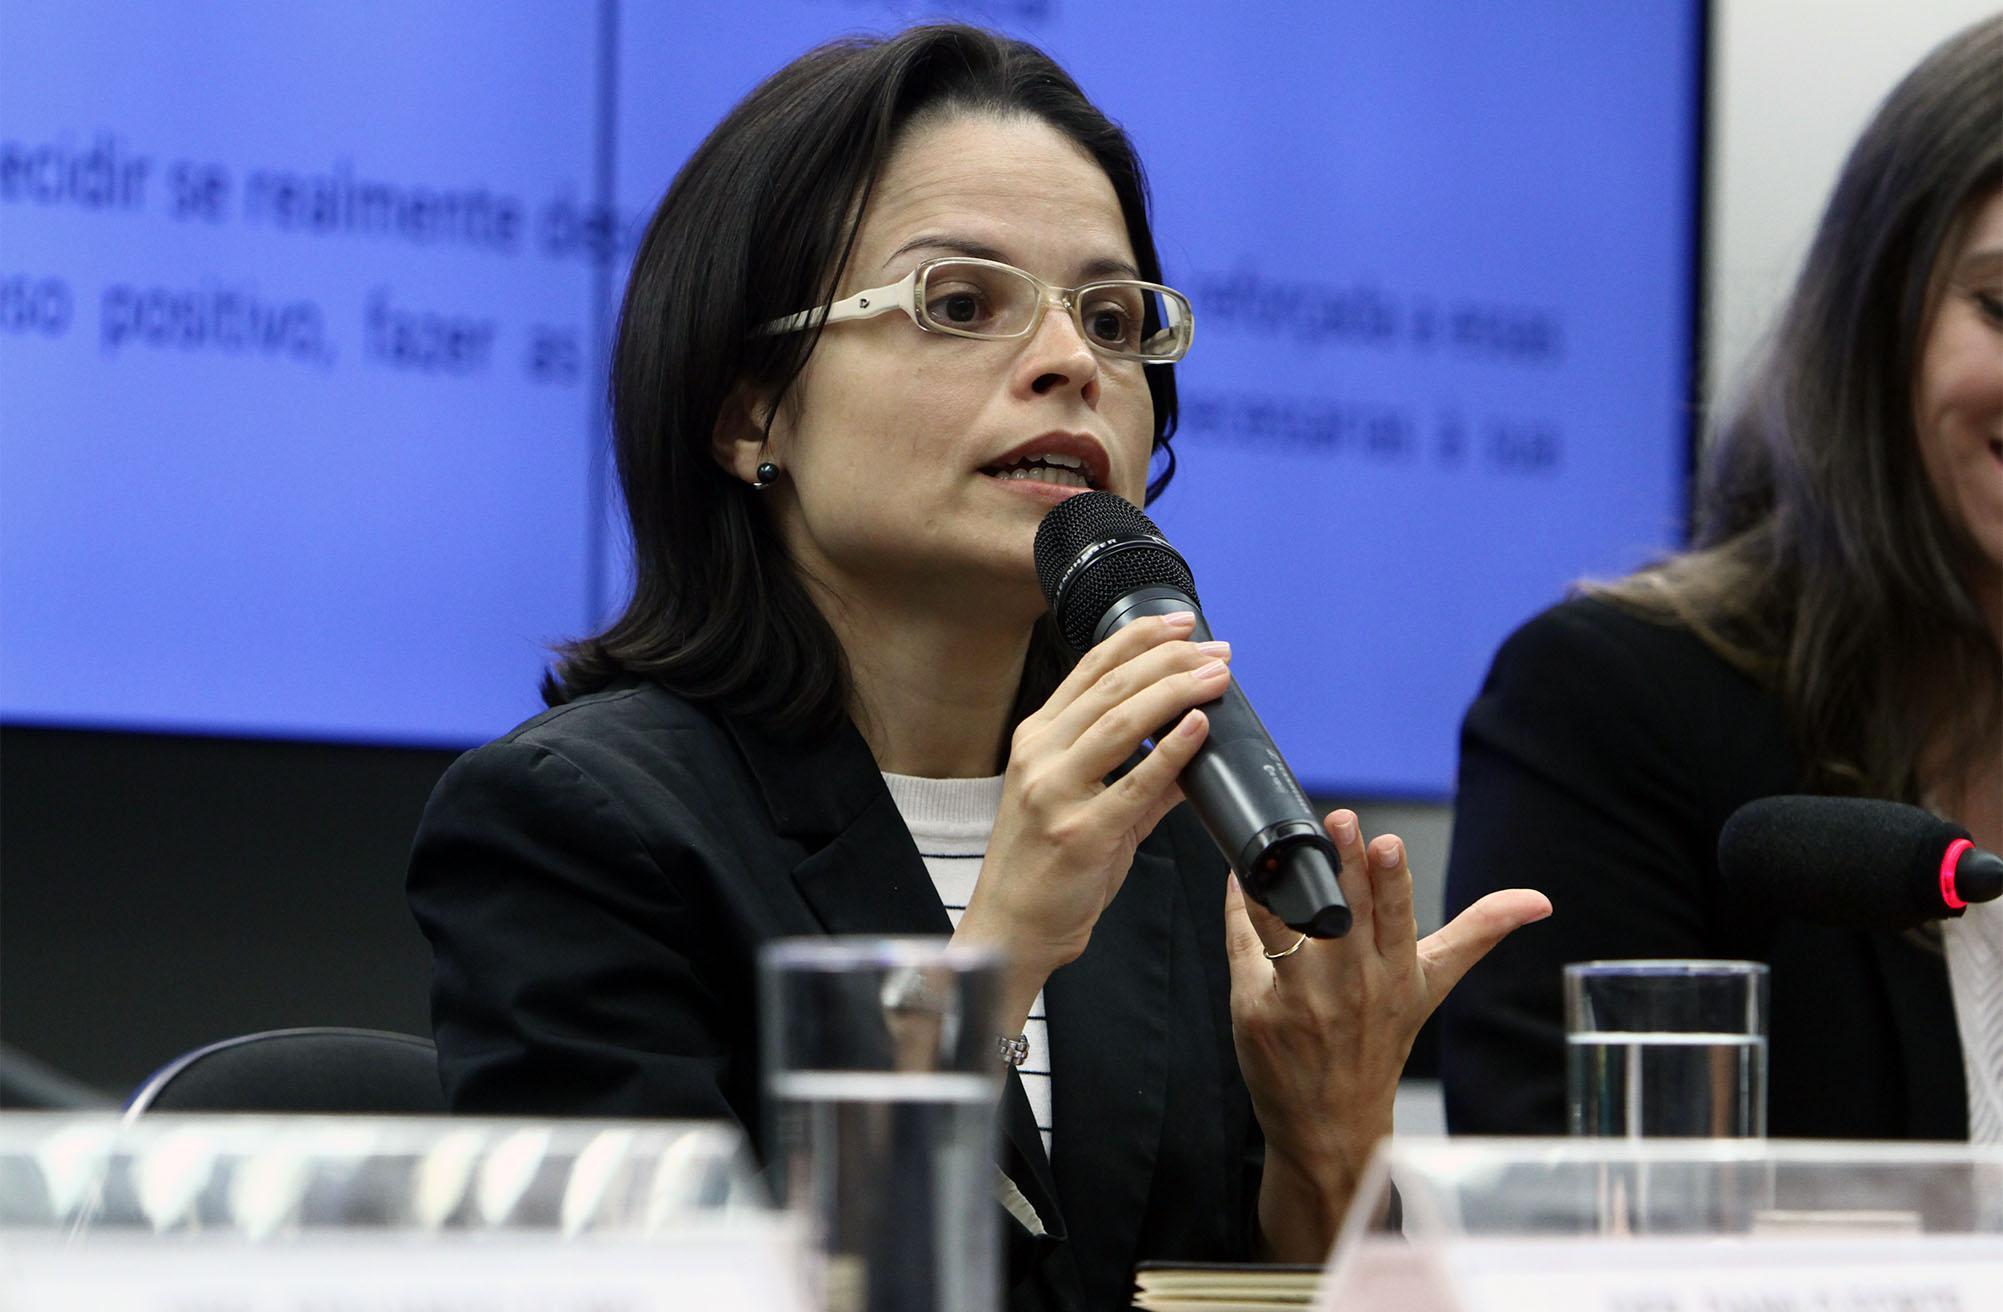 Audiência Pública. Professora da Escola de Direito da FGV-RJ, PATRÍCIA SAMPAIO